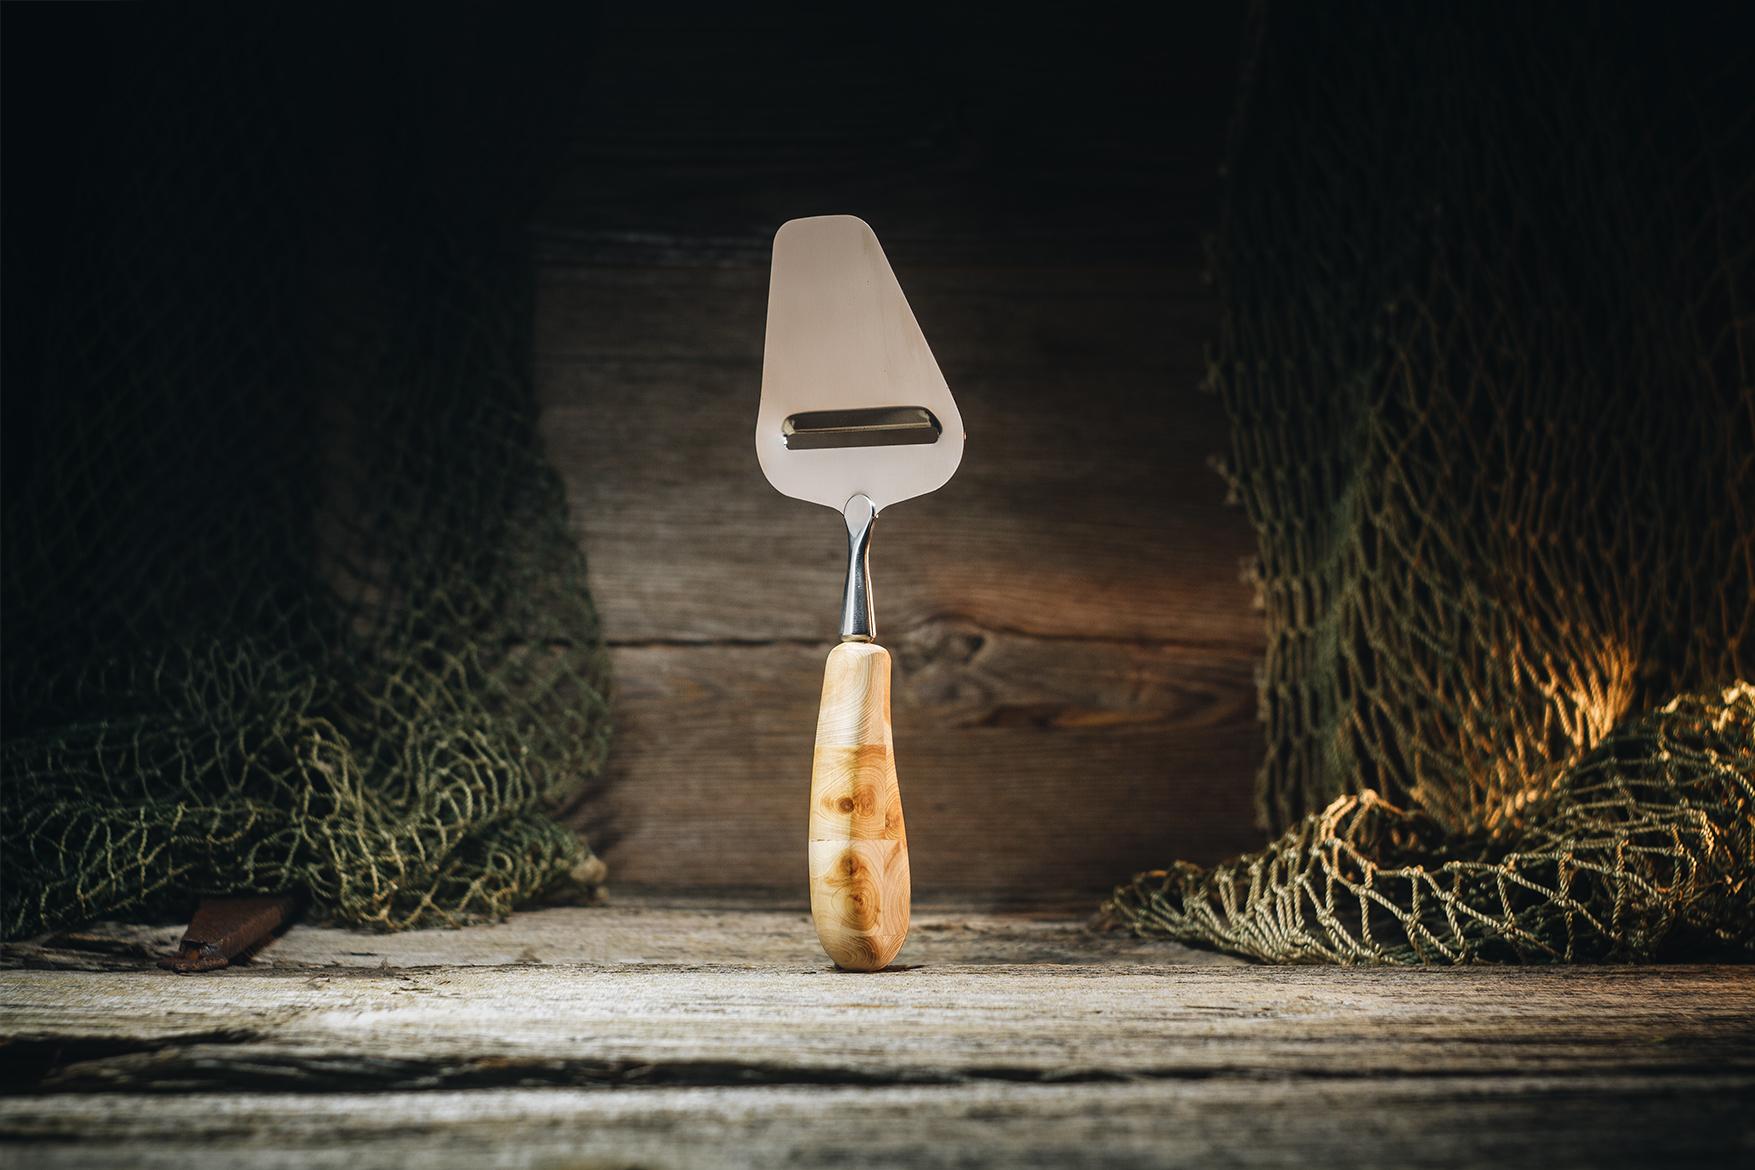 Juustuhöövel traditsiooniline(kadakas)/Cheese slicer traditional (juniper)